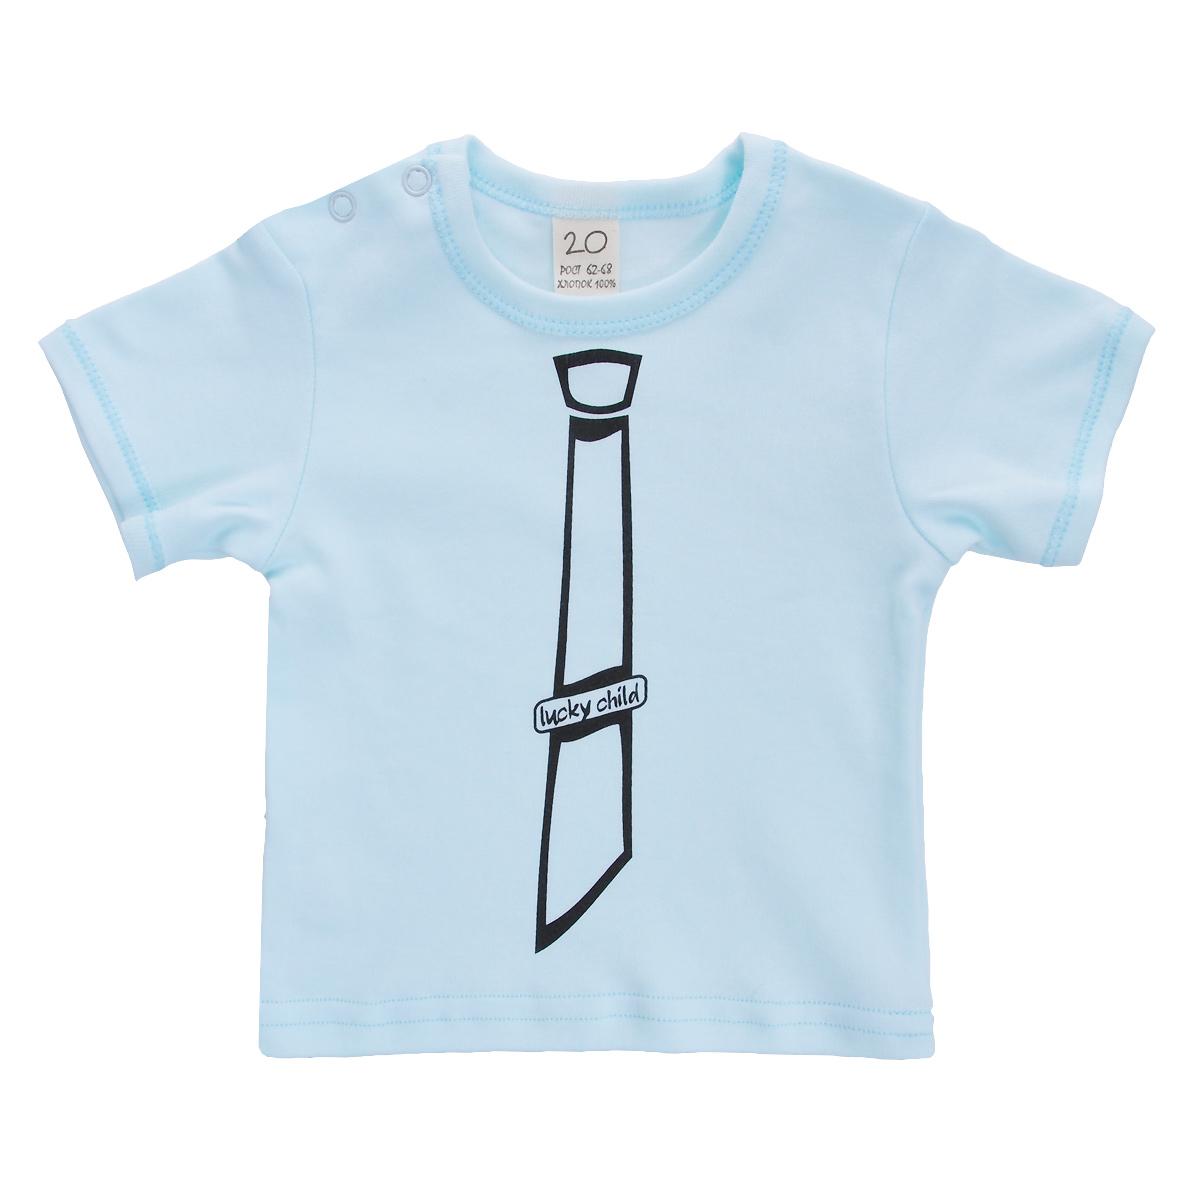 3-26кОчаровательная футболка для мальчика Lucky Child послужит идеальным дополнением к гардеробу вашего малыша, обеспечивая ему наибольший комфорт. Изготовленная из натурального хлопка, она необычайно мягкая и легкая, не раздражает нежную кожу ребенка и хорошо вентилируется, а эластичные швы приятны телу малыша и не препятствуют его движениям. Футболка с короткими рукавами и круглым врезом горловины имеет кнопки по плечу, которые позволяют без труда переодеть ребенка. На груди она оформлена оригинальным печатным рисунком в виде галстука. Футболка полностью соответствует особенностям жизни ребенка в ранний период, не стесняя и не ограничивая его в движениях.